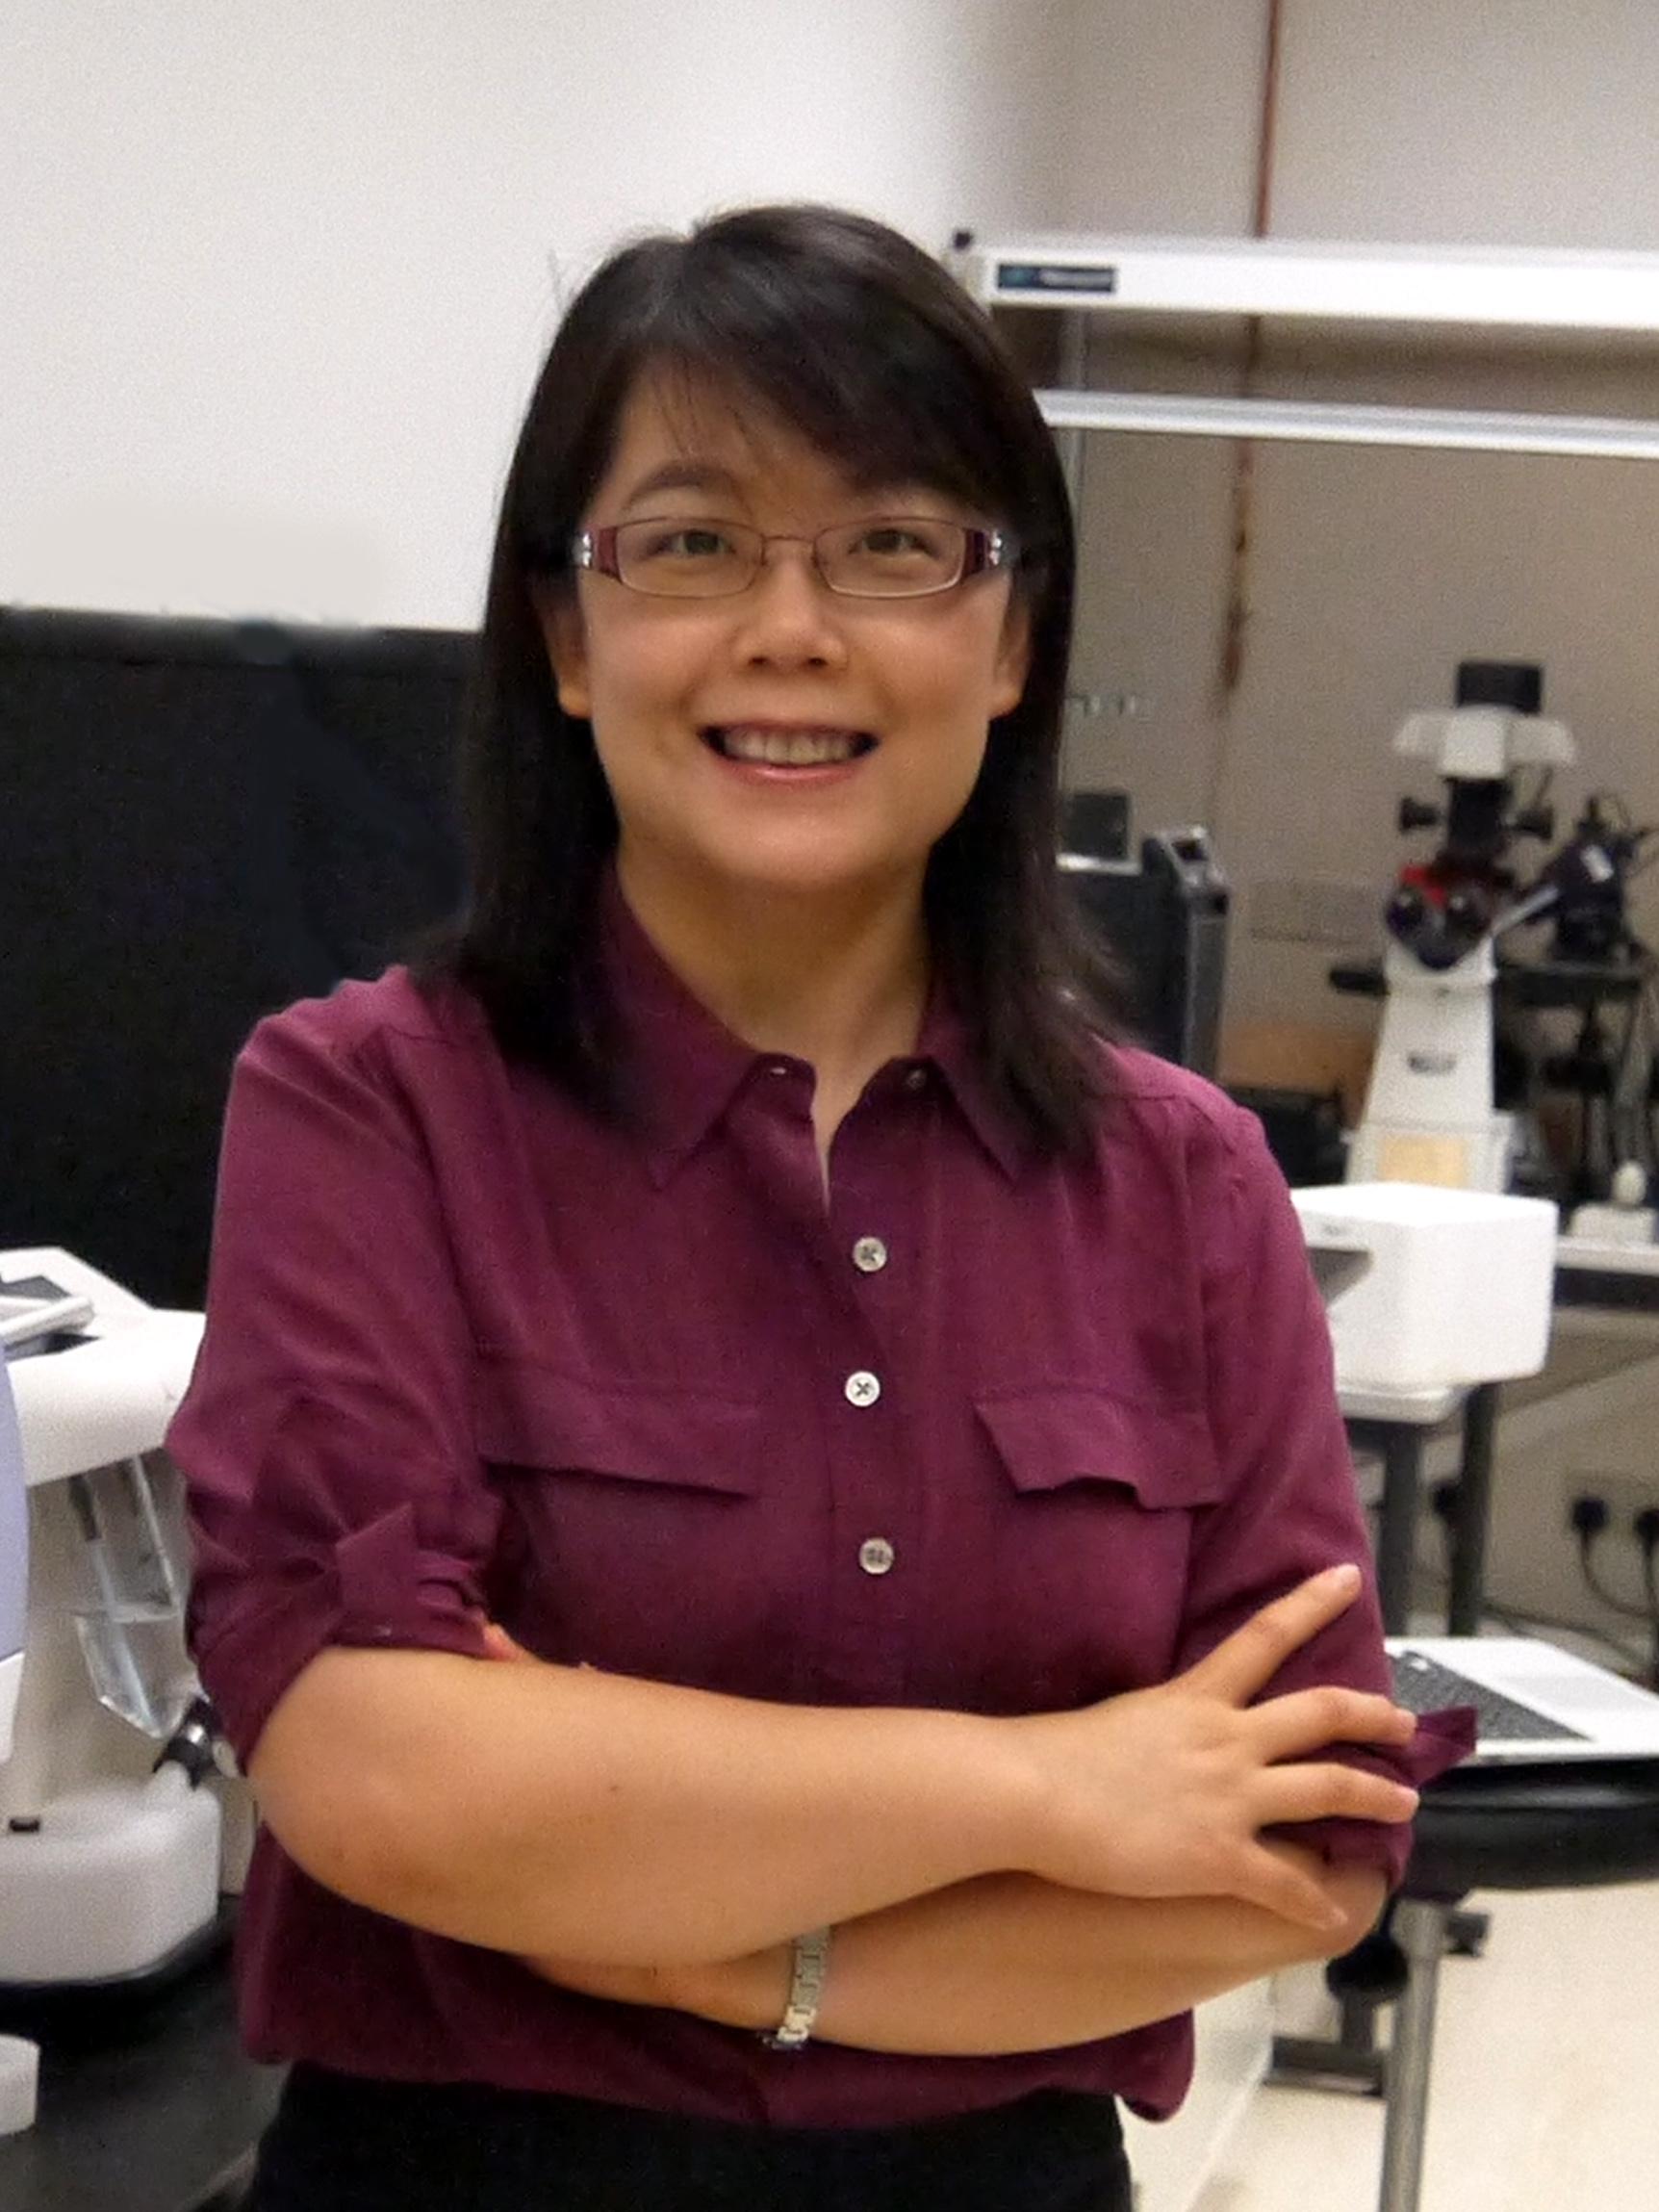 ICMS virology expert Prof Wang Ying